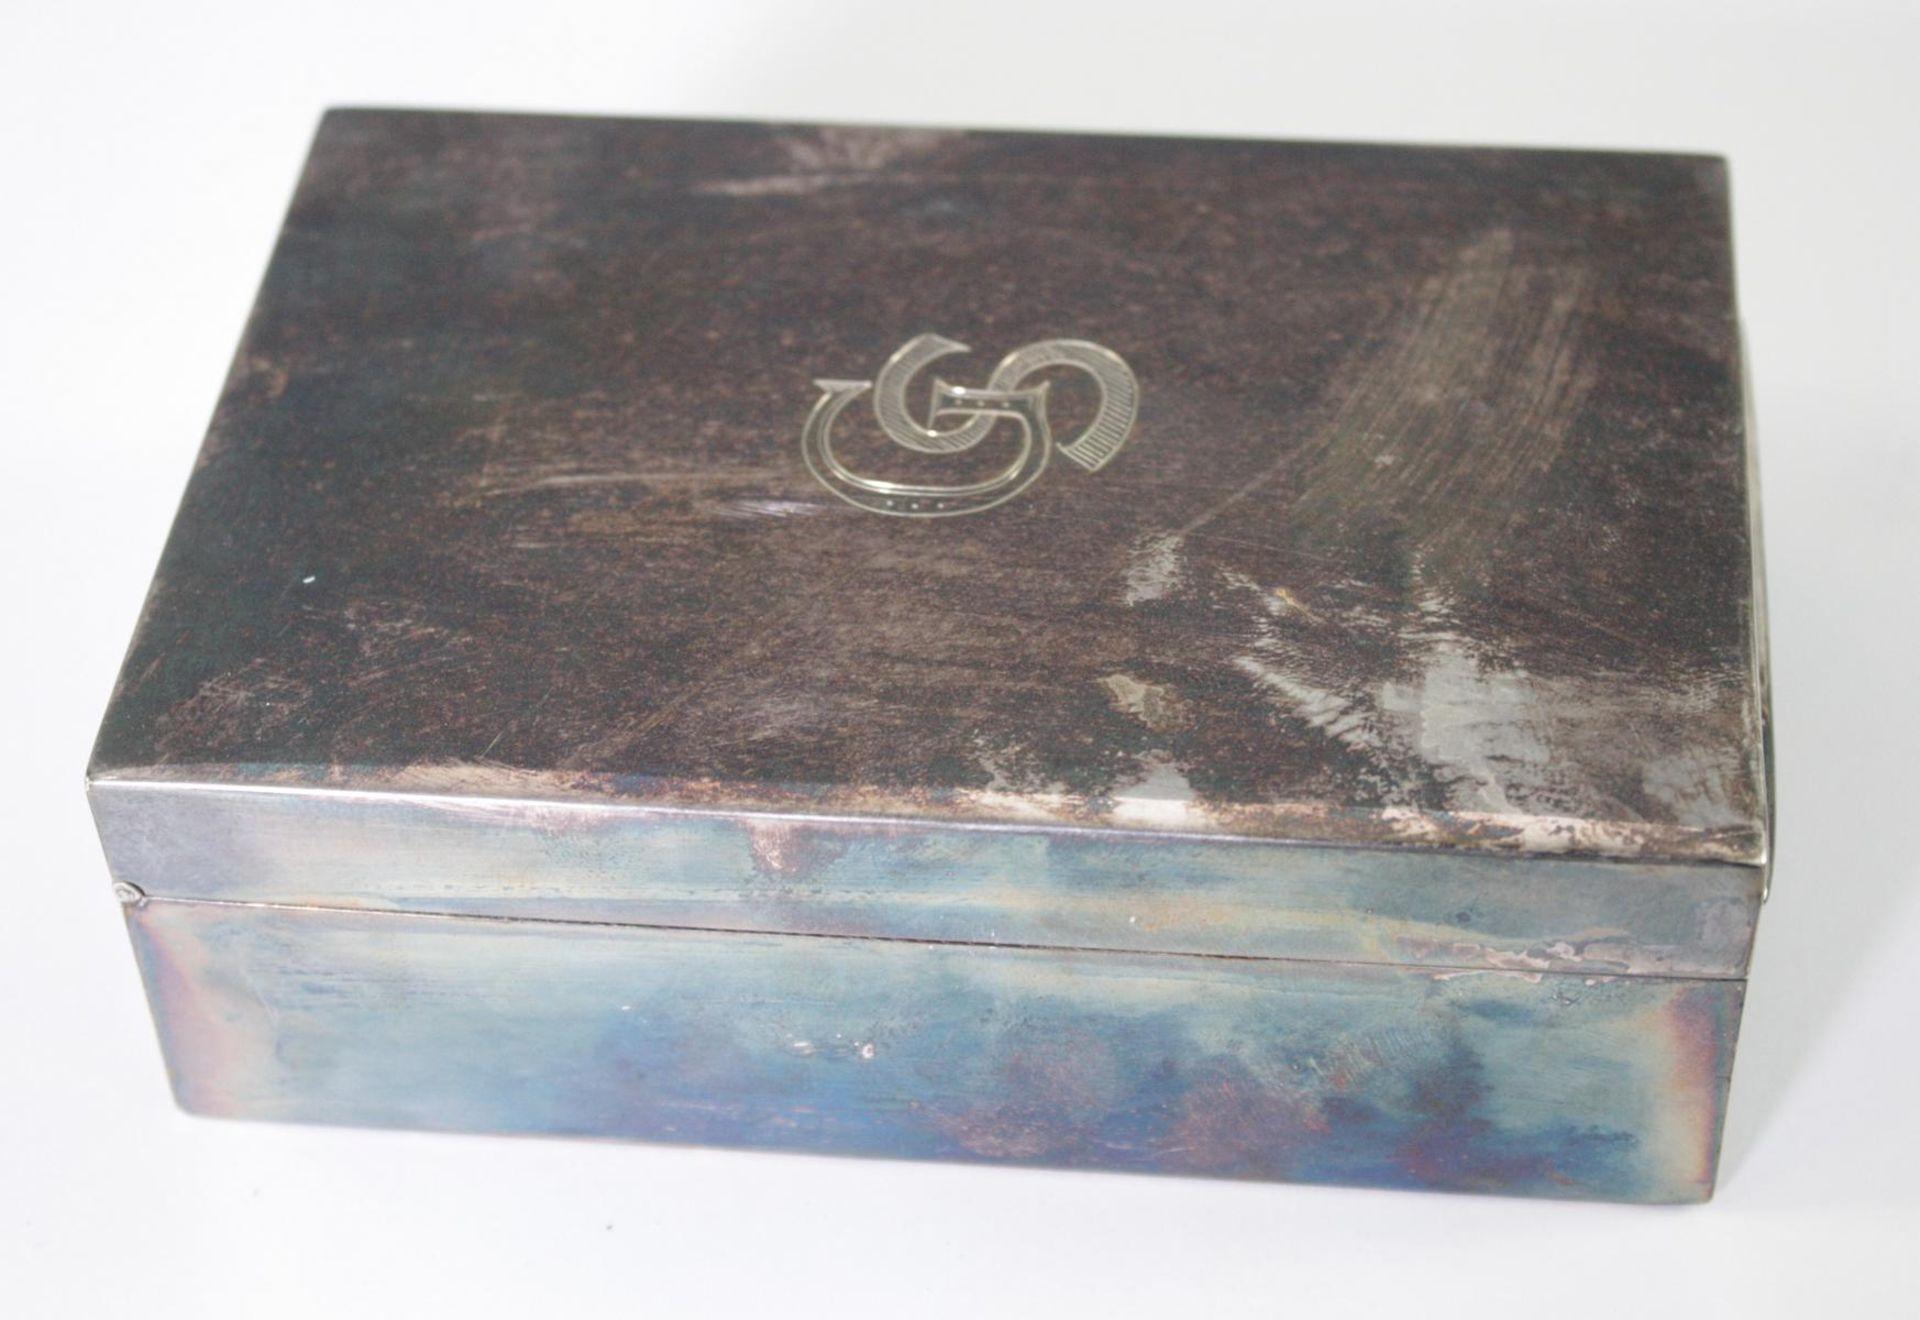 Silberne Deckeldose mit Monogramm GS, Zigarettendose - Bild 3 aus 6